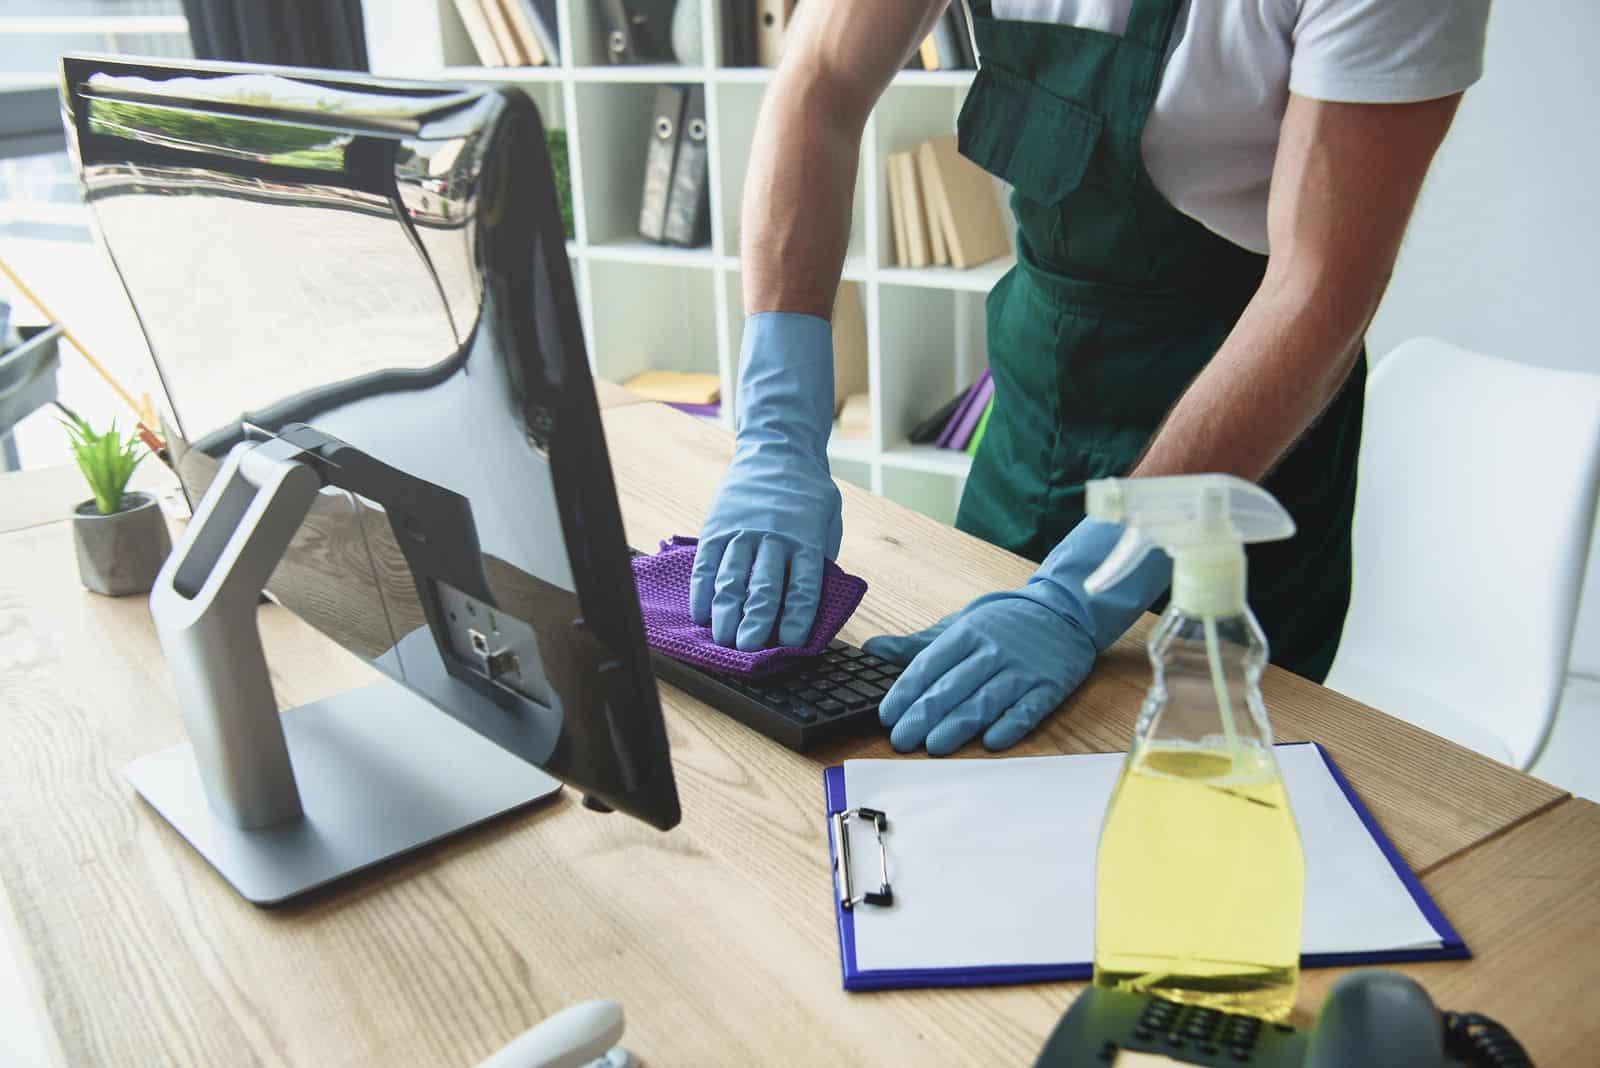 persona limpiando mesa de ordenador